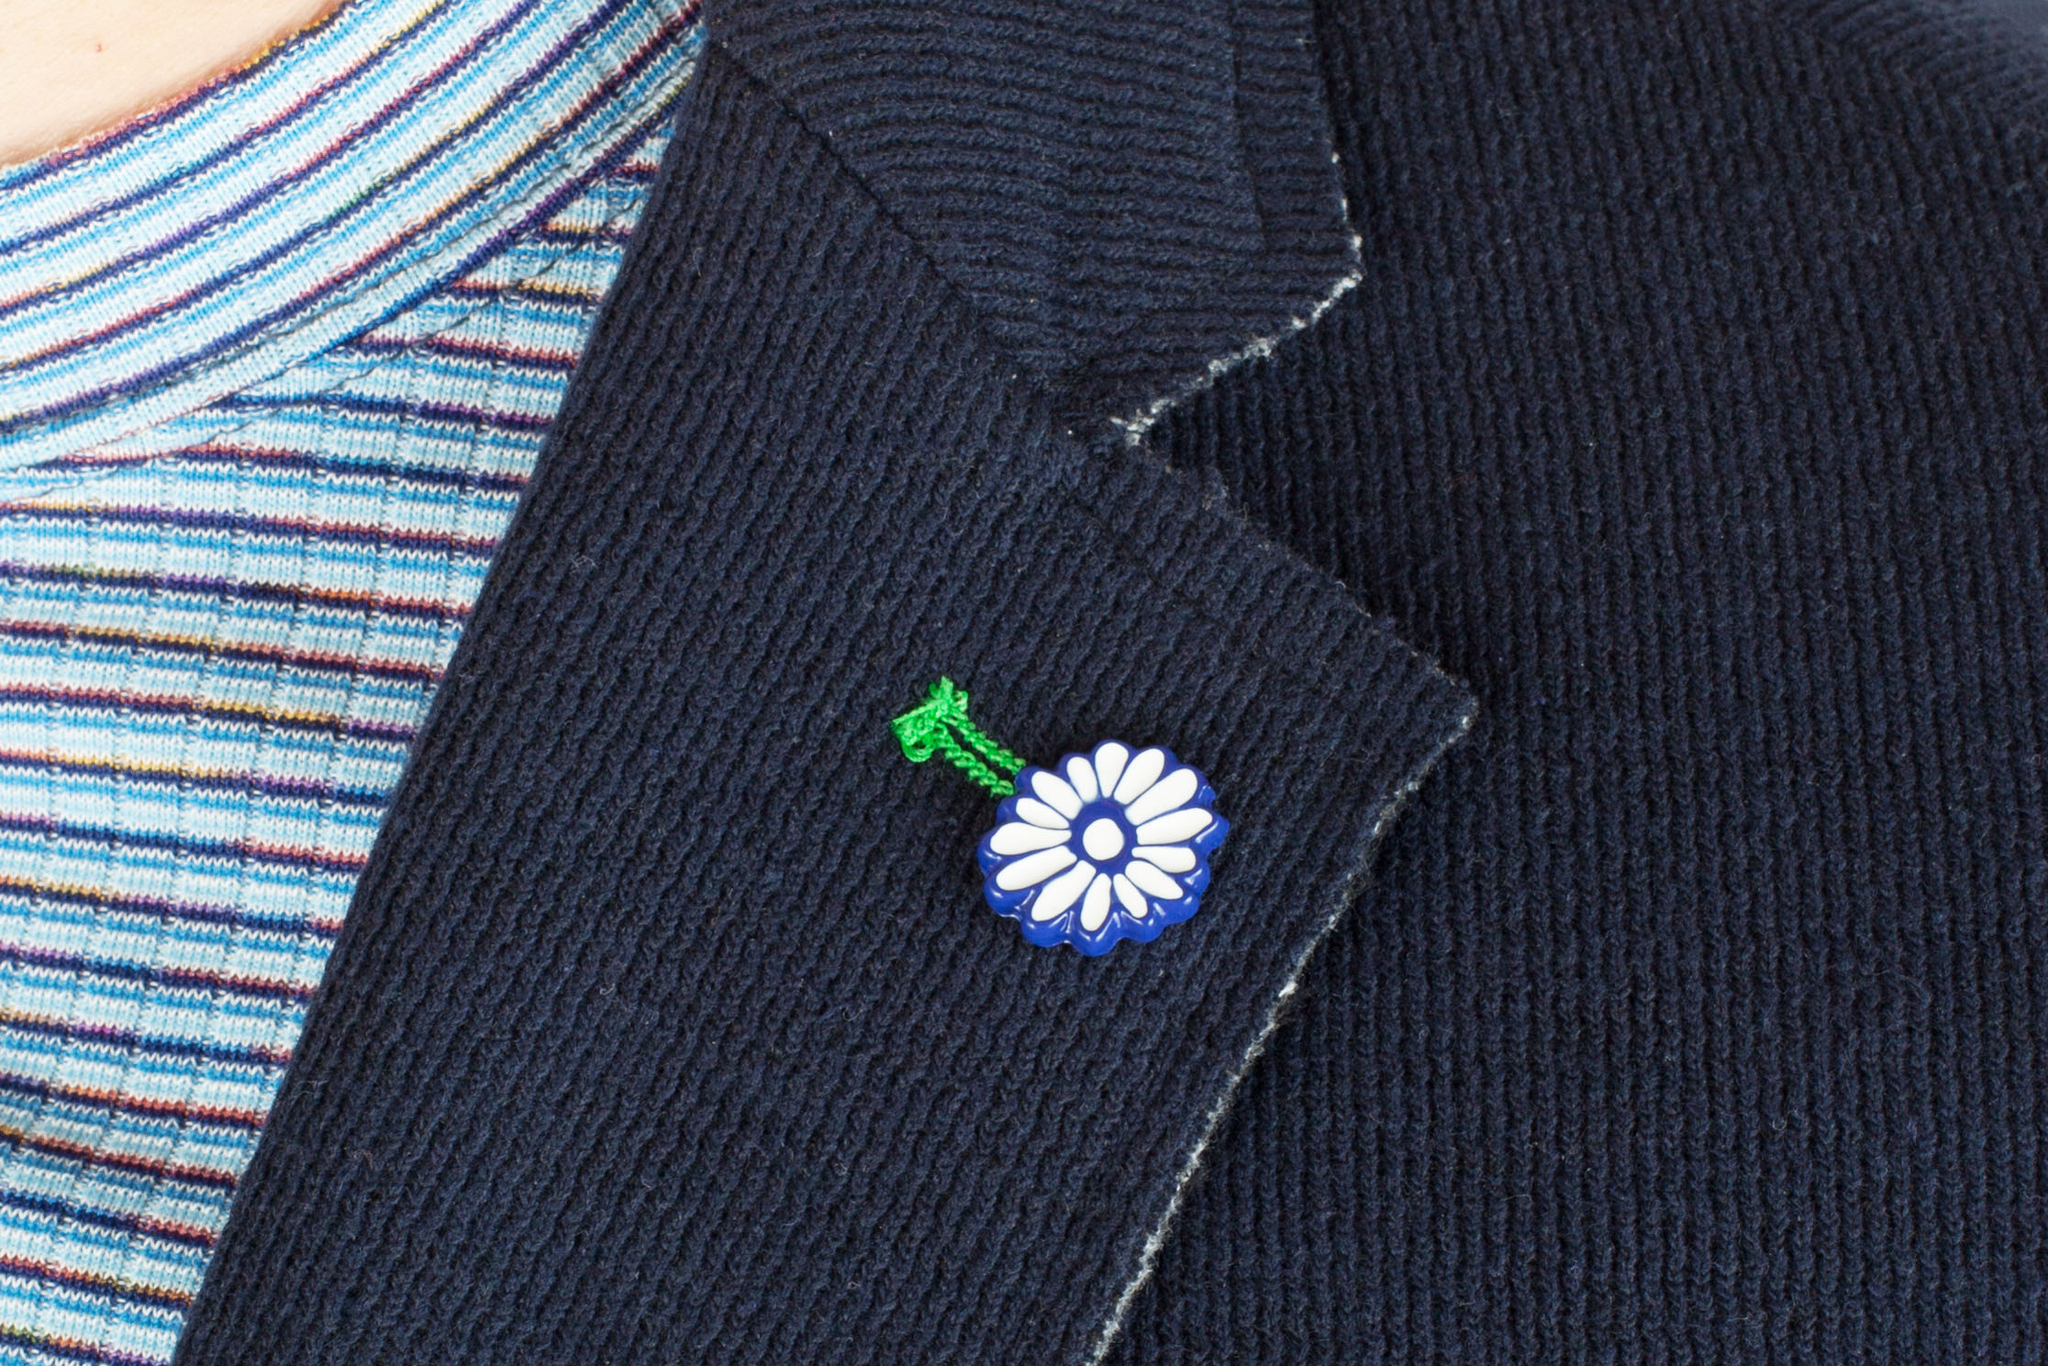 Тёмно-синий трикотажный пиджак из смеси хлопка и вискозы, петлица